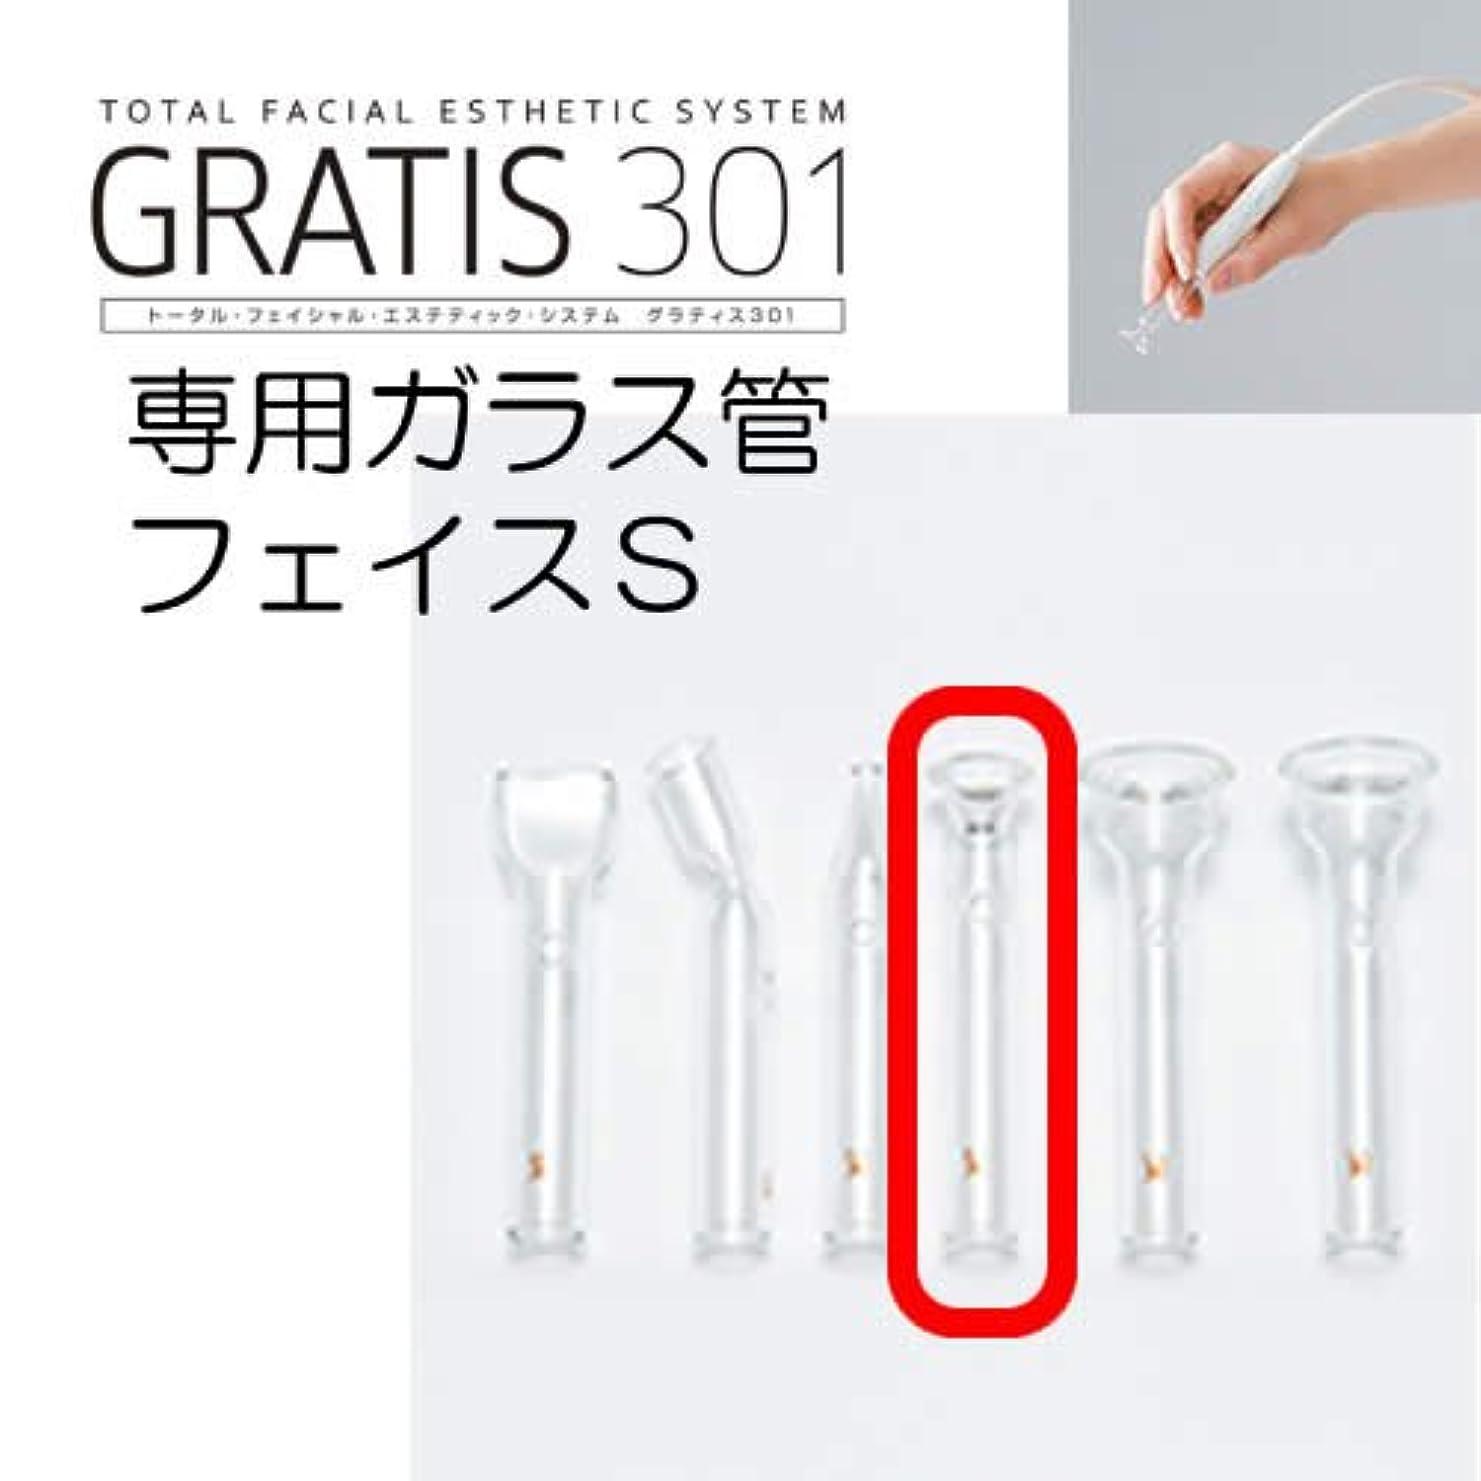 GRATIS 301(グラティス301)専用ガラス管 フェイスS(2本セット)